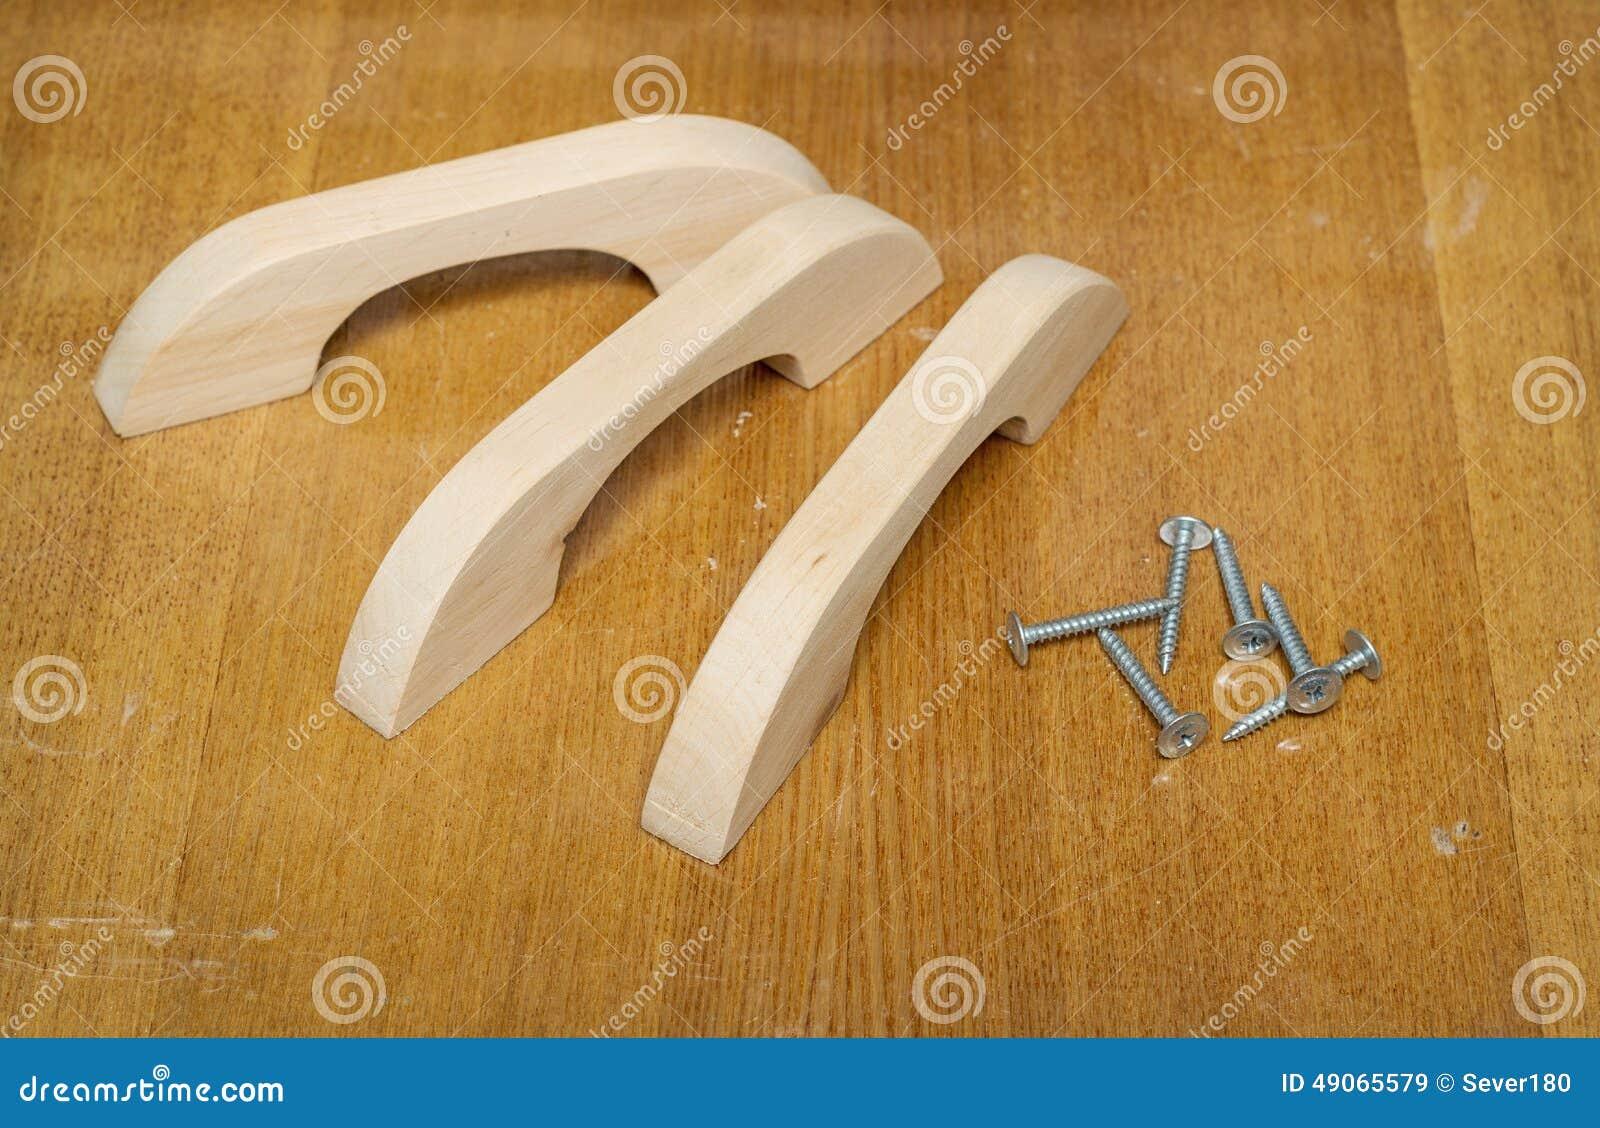 Poign es en bois de meubles faites en aulne photo stock for Meuble en aulne